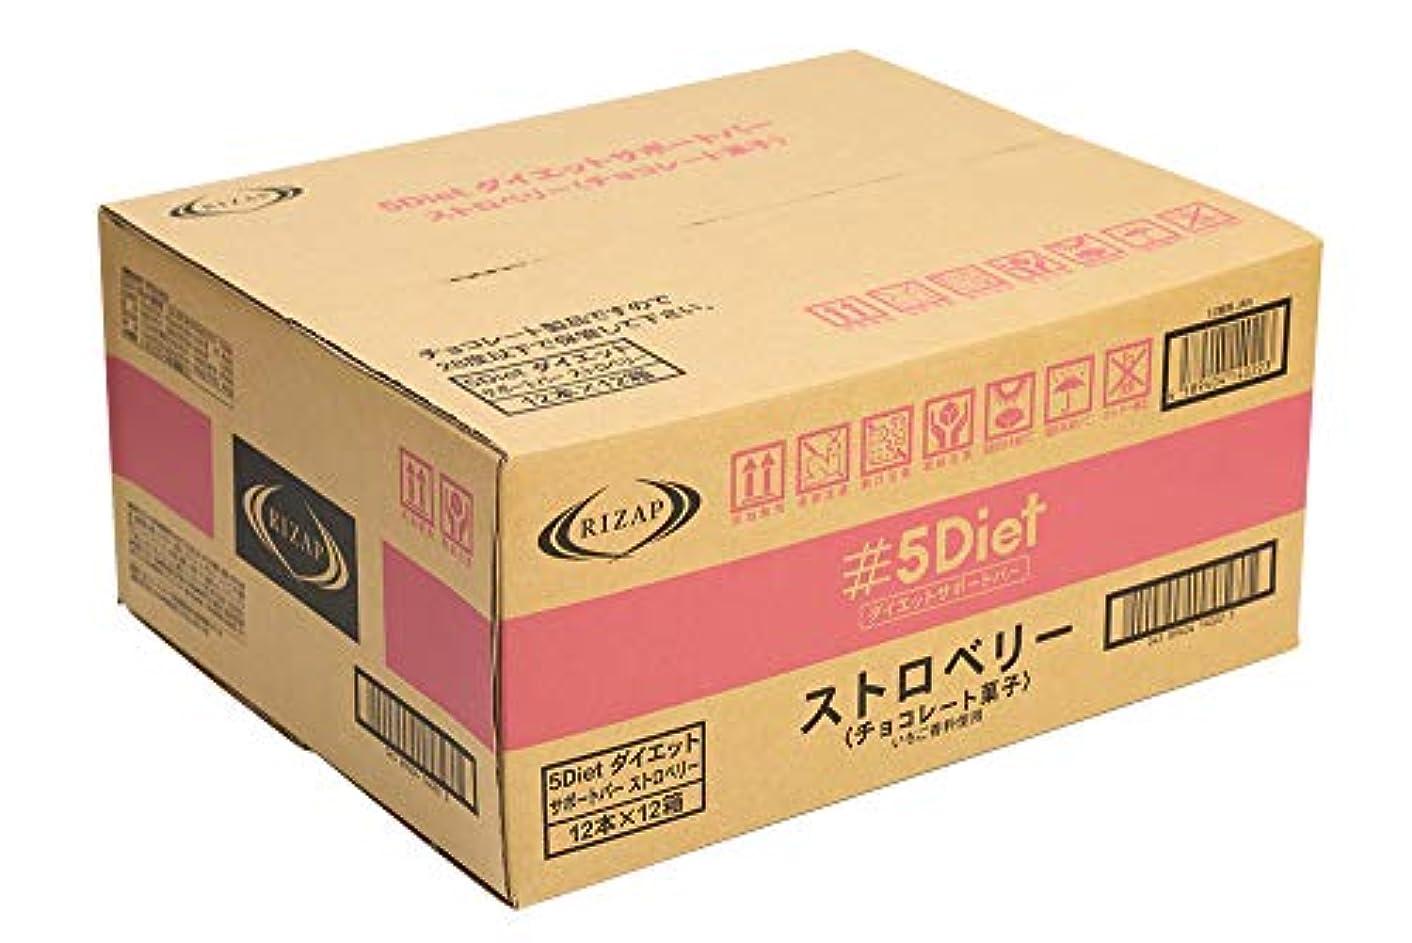 ミュウミュウ損傷ロッカー【ケース販売】RIZAP 5Diet サポートバー ストロベリー味 12本入×12箱